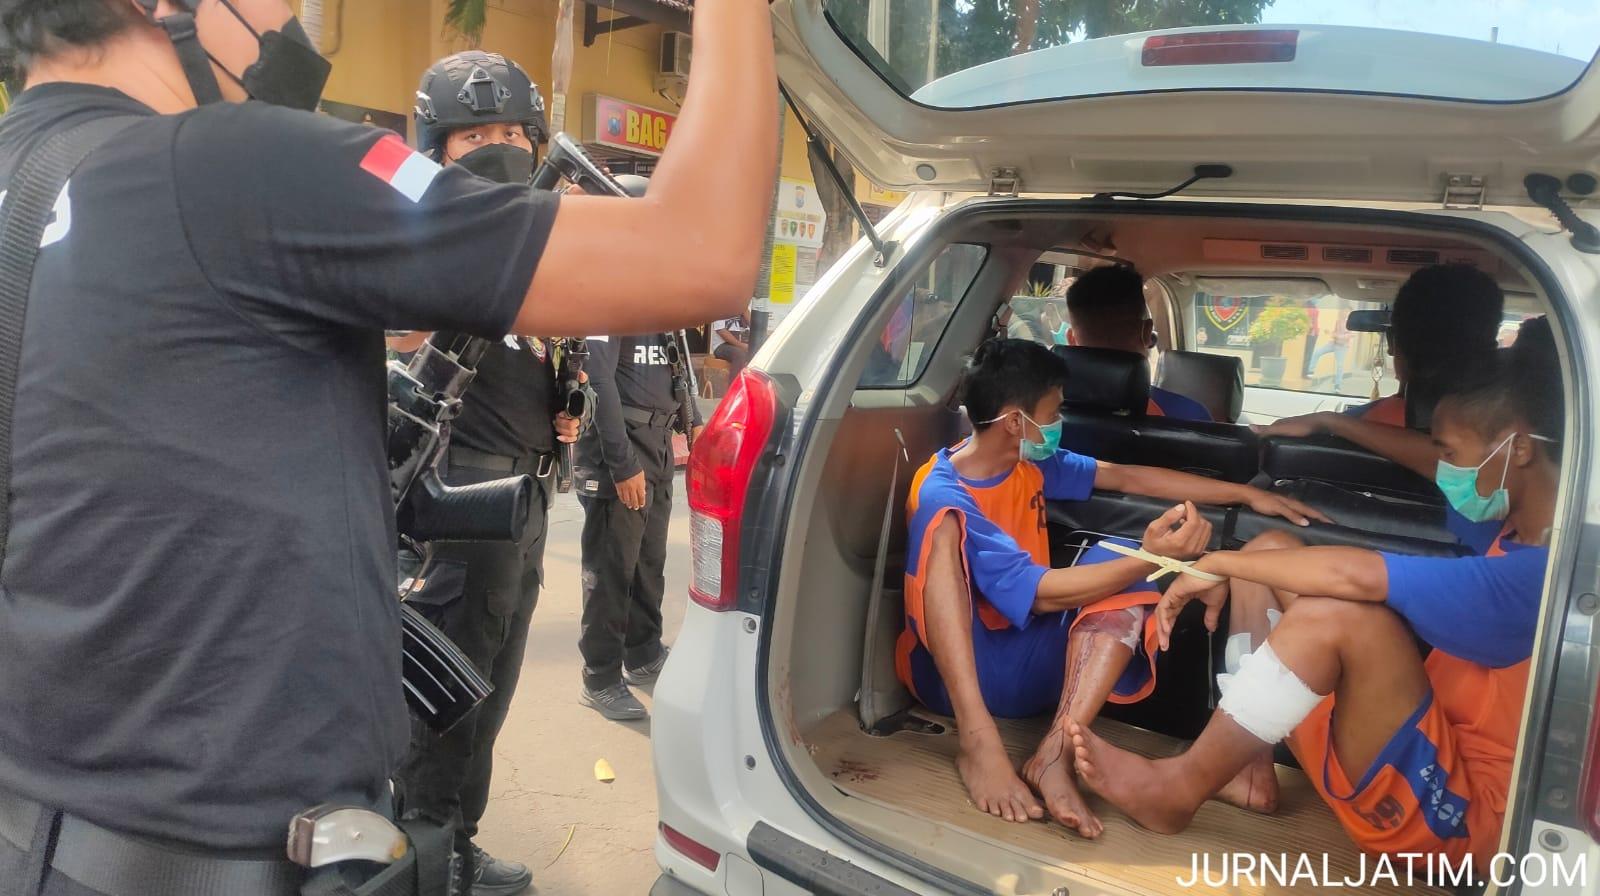 Pistol Perampok Minimarket di Jombang Dibeli Online Buat Menakut-nakuti